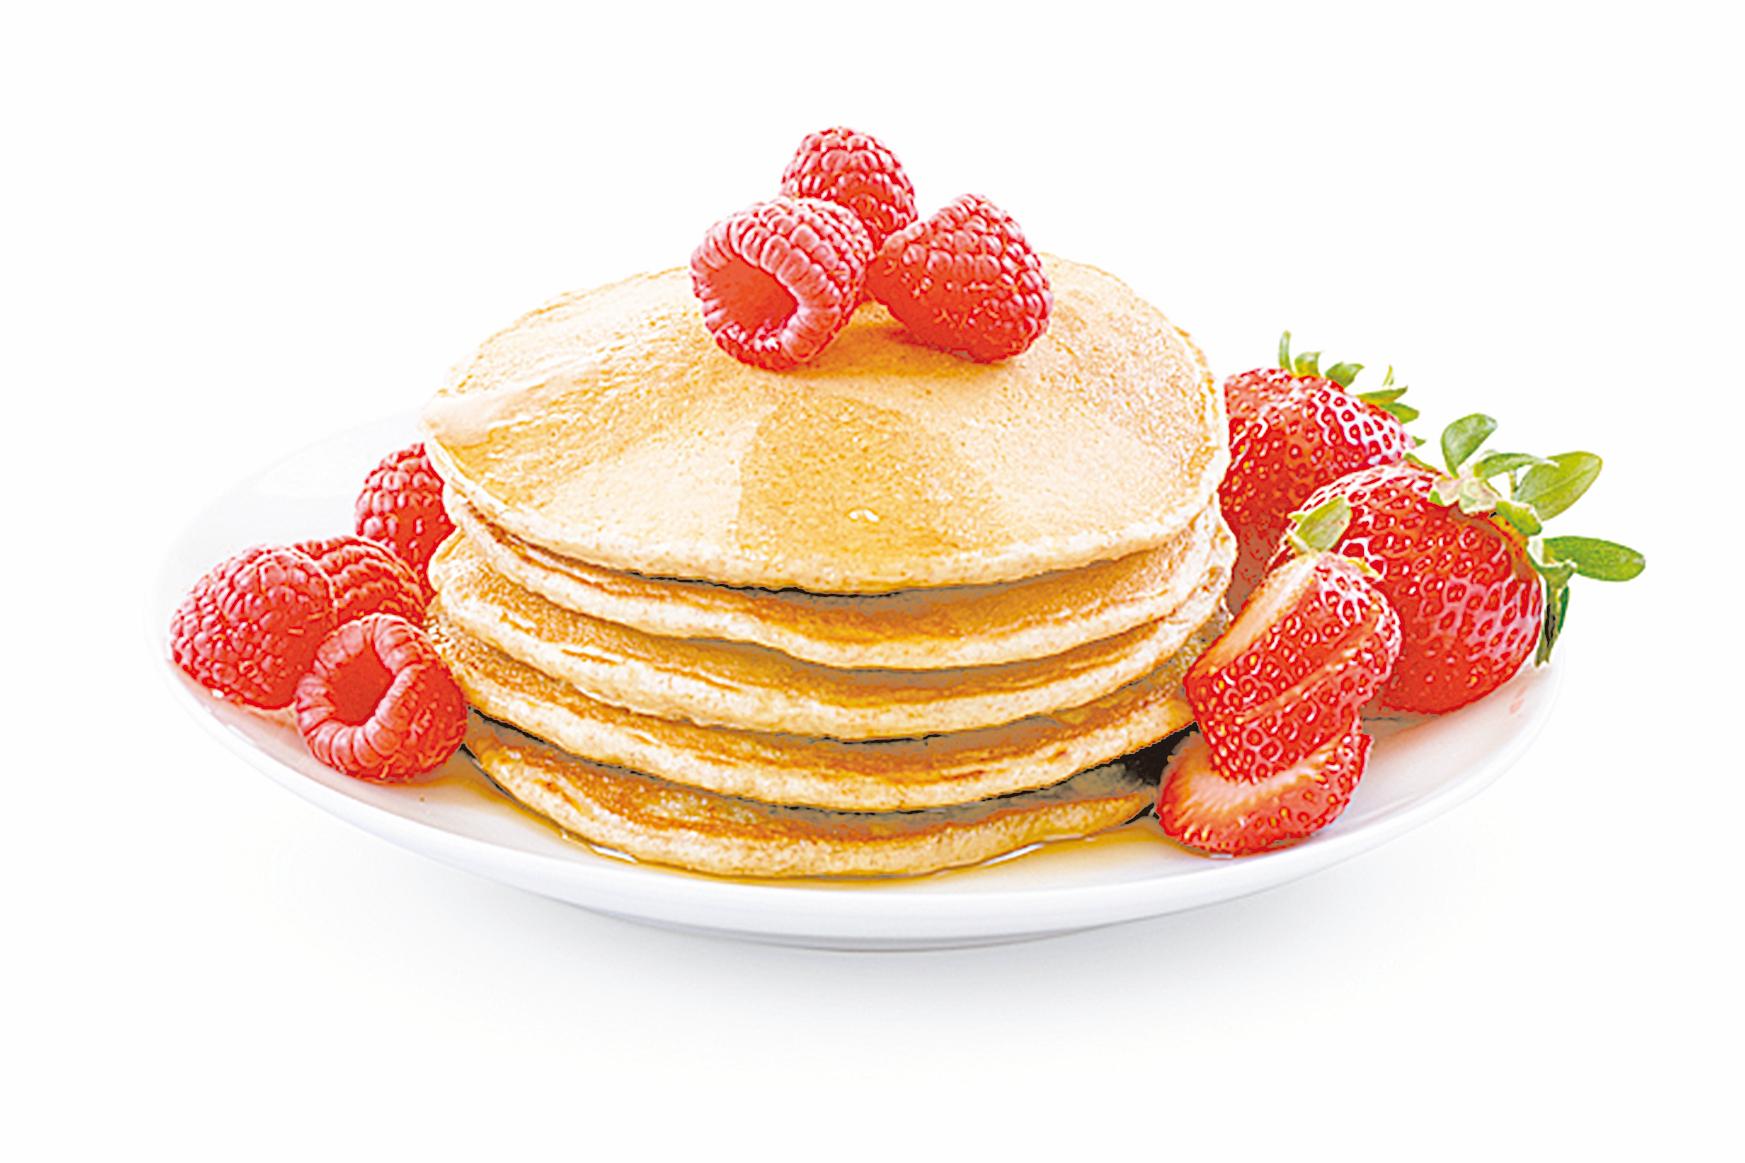 如果你希望鬆餅的風味更豐富,可以嘗試把配方中一半的麵粉換成裸麥粉、杏仁粉等穀物粉。